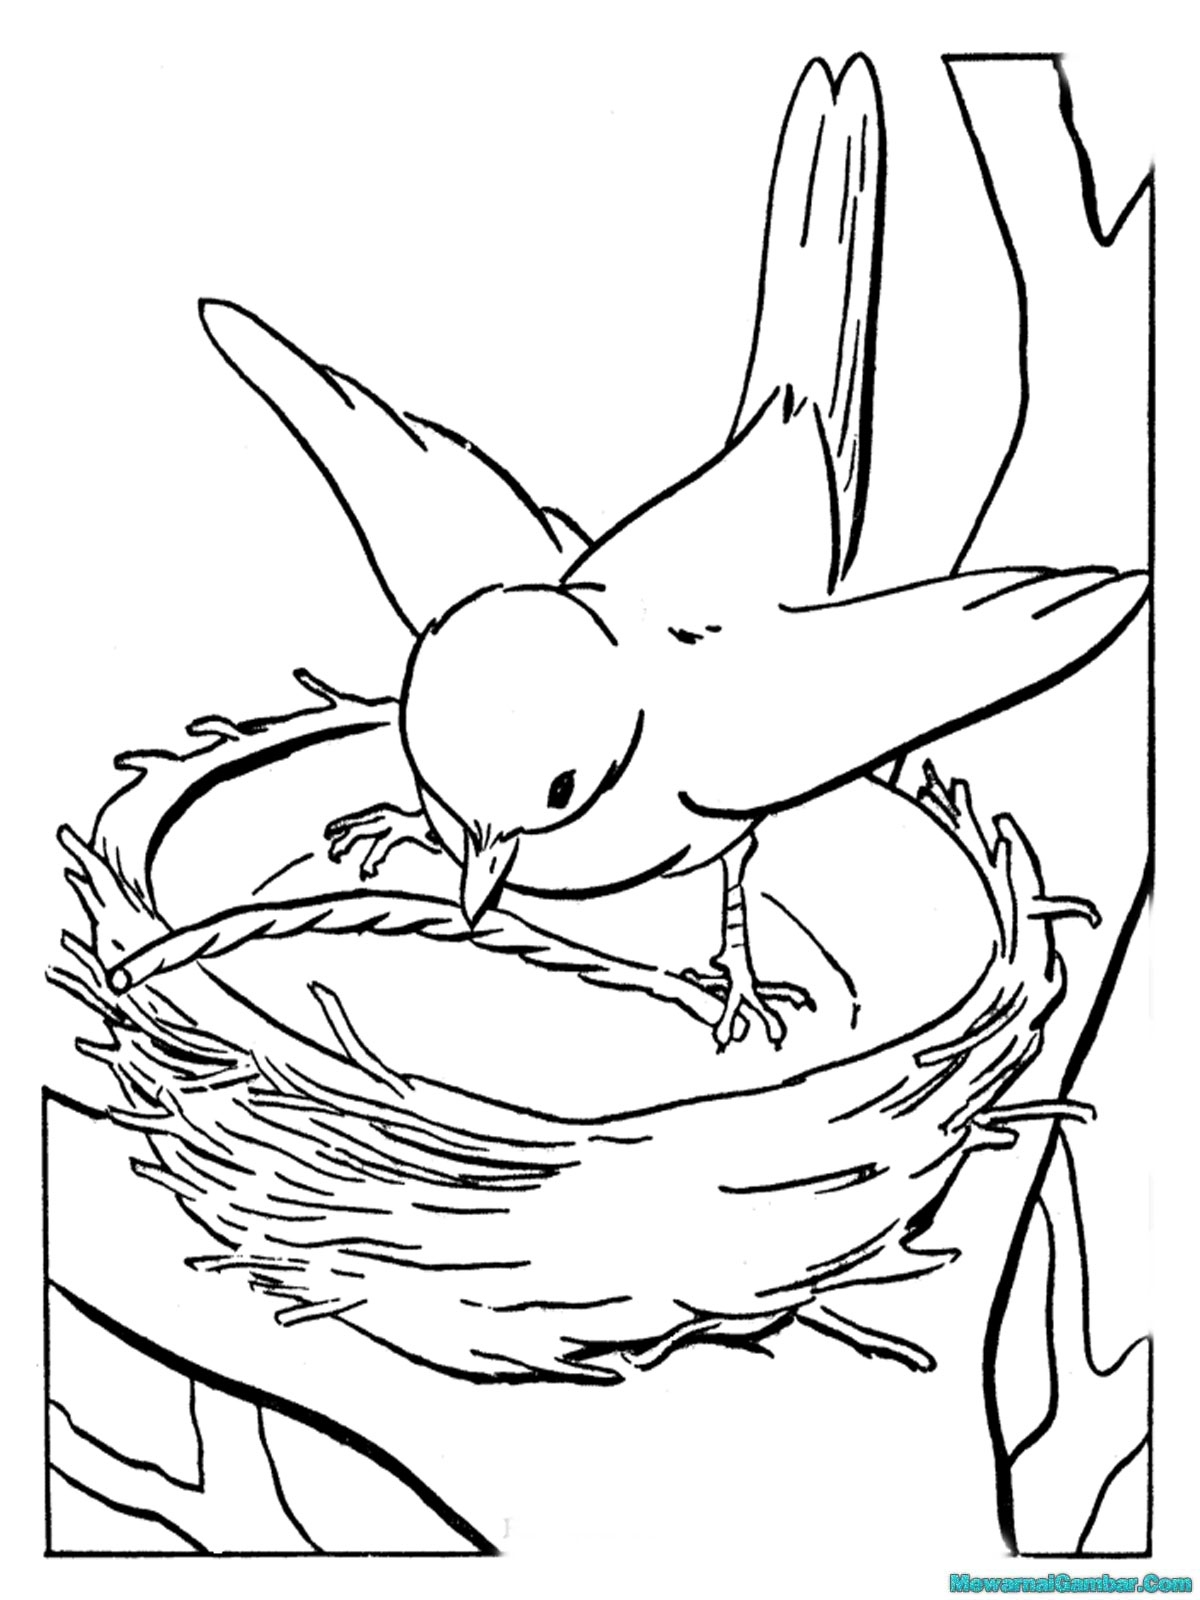 Mewarnai Gambar Burung Sedang Membuat Sarang Untuk Bertelur